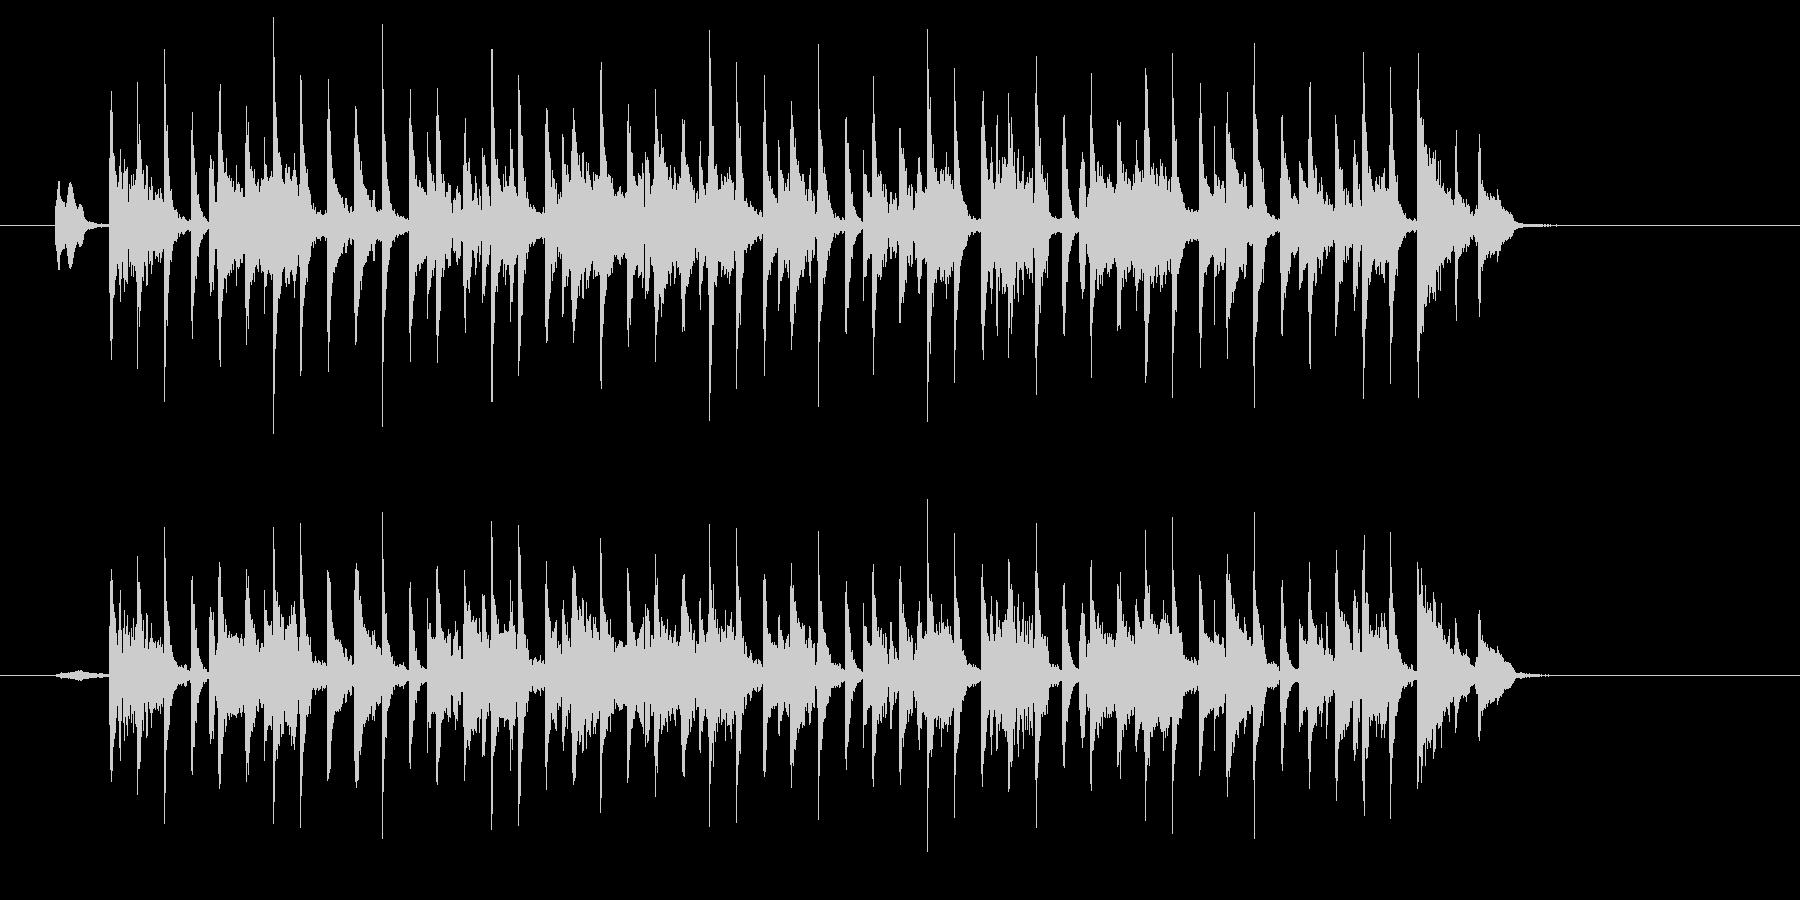 タイトで無機質な電子ミュージックの未再生の波形